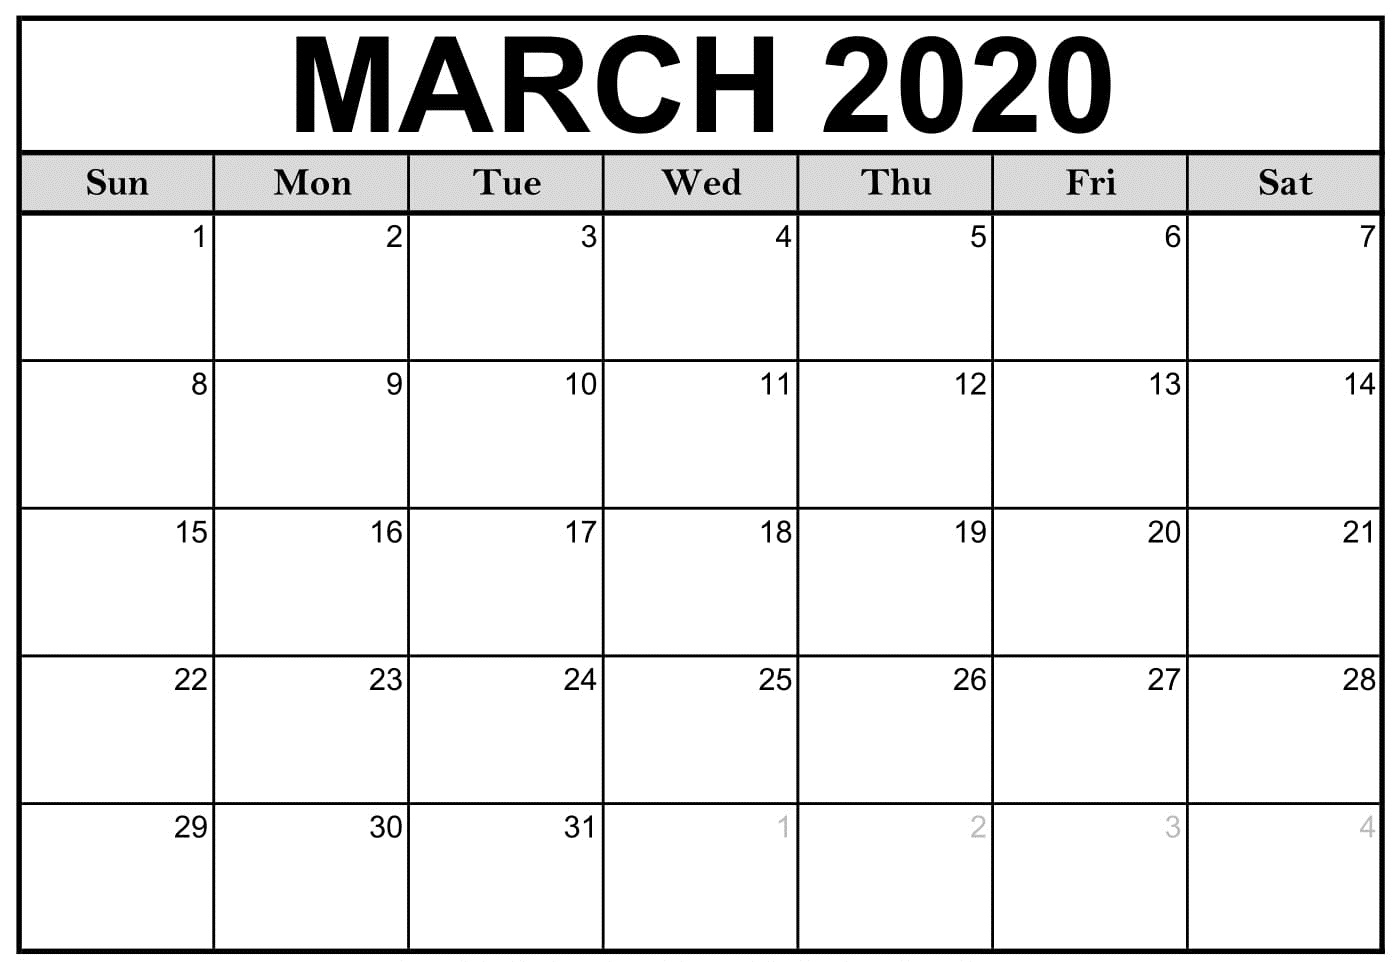 2020 March Calendar Template